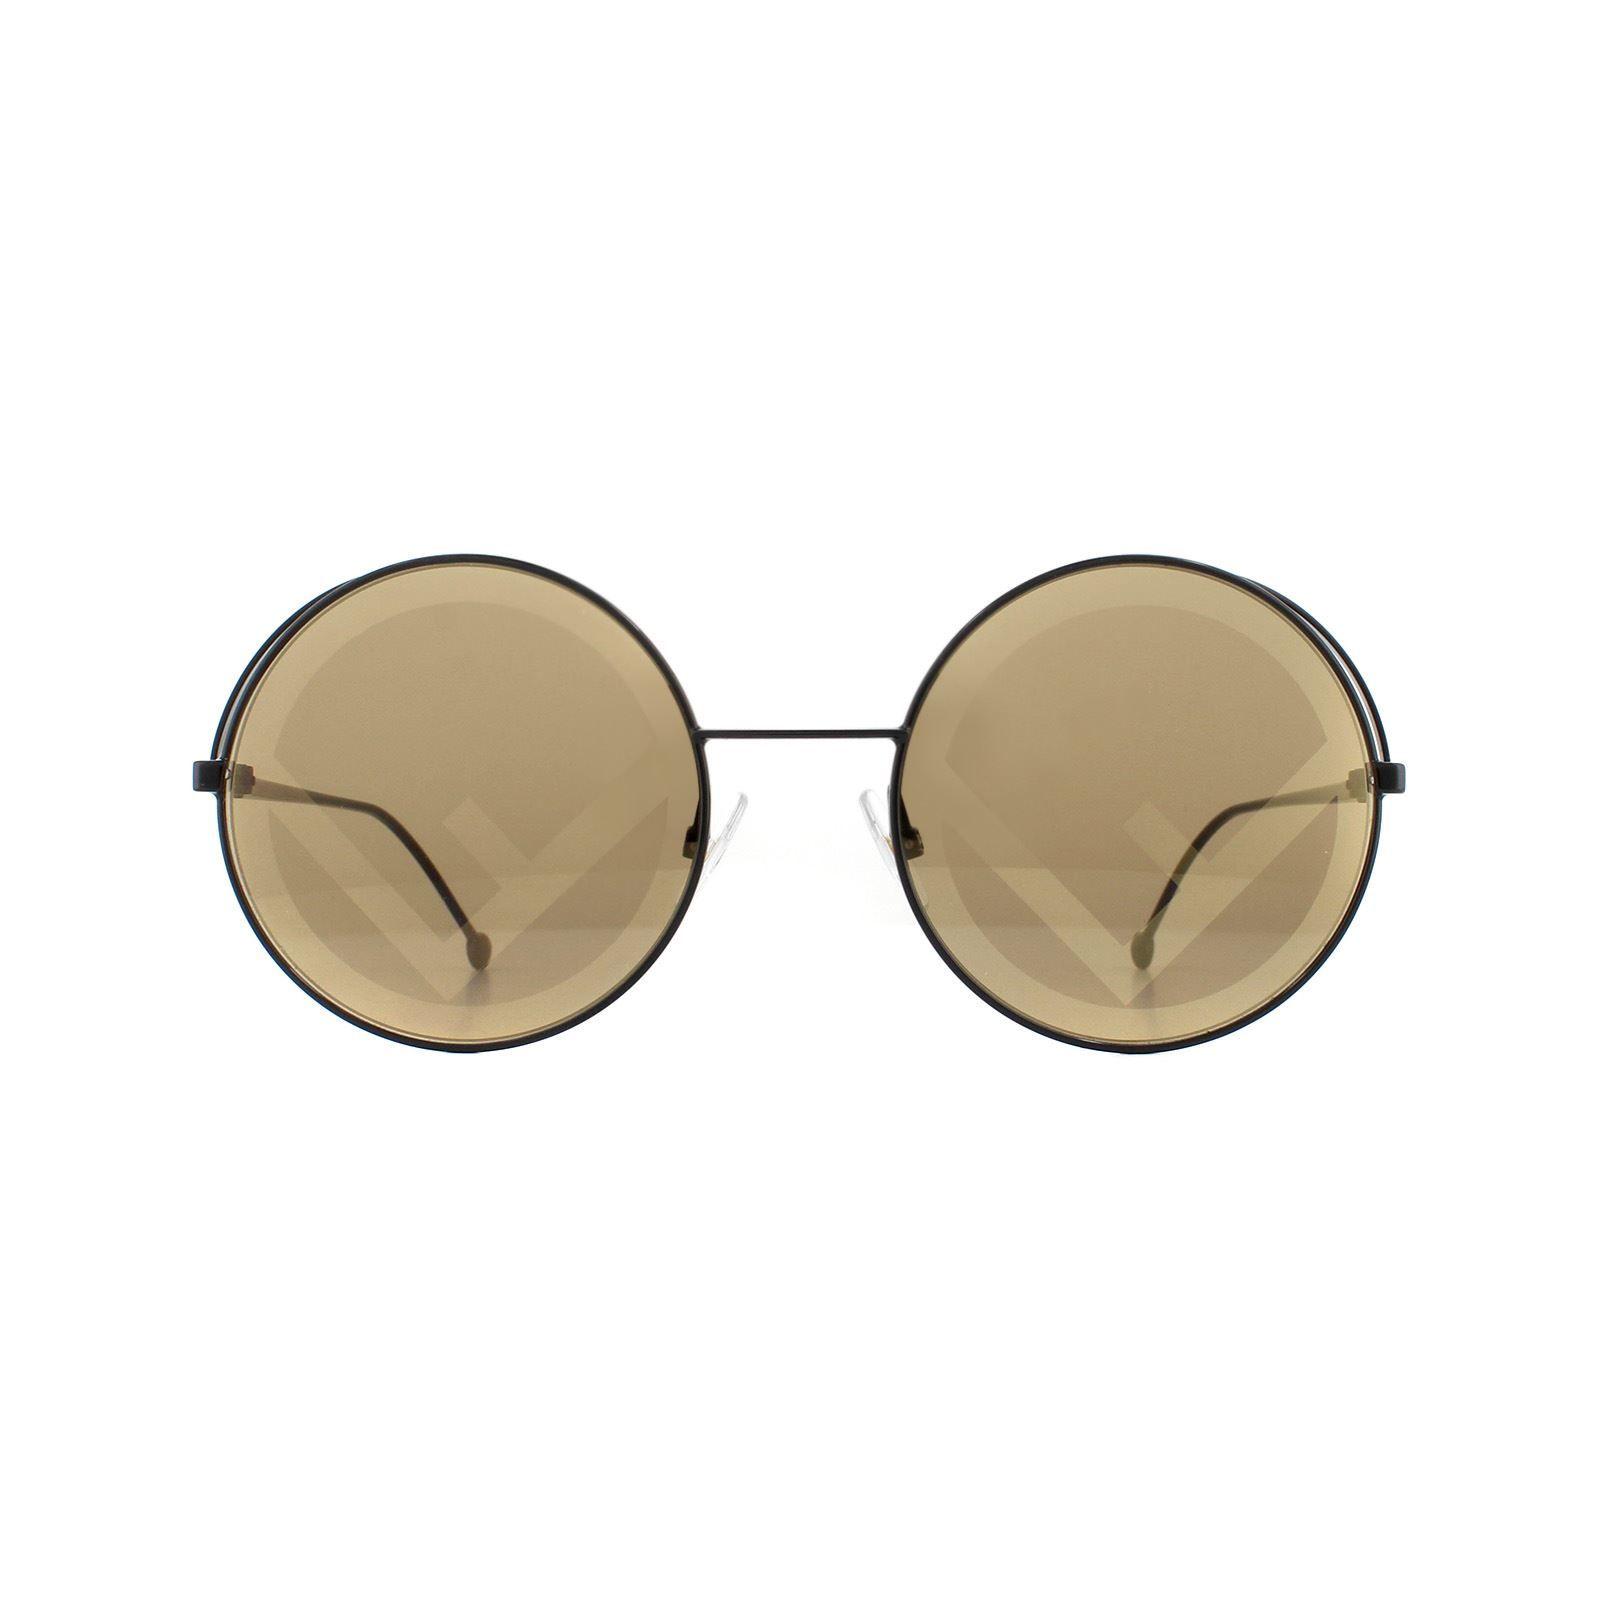 Fendi Sunglasses FF 0343/S Fendirama 807 EB Black Brown with Gold Fendi F